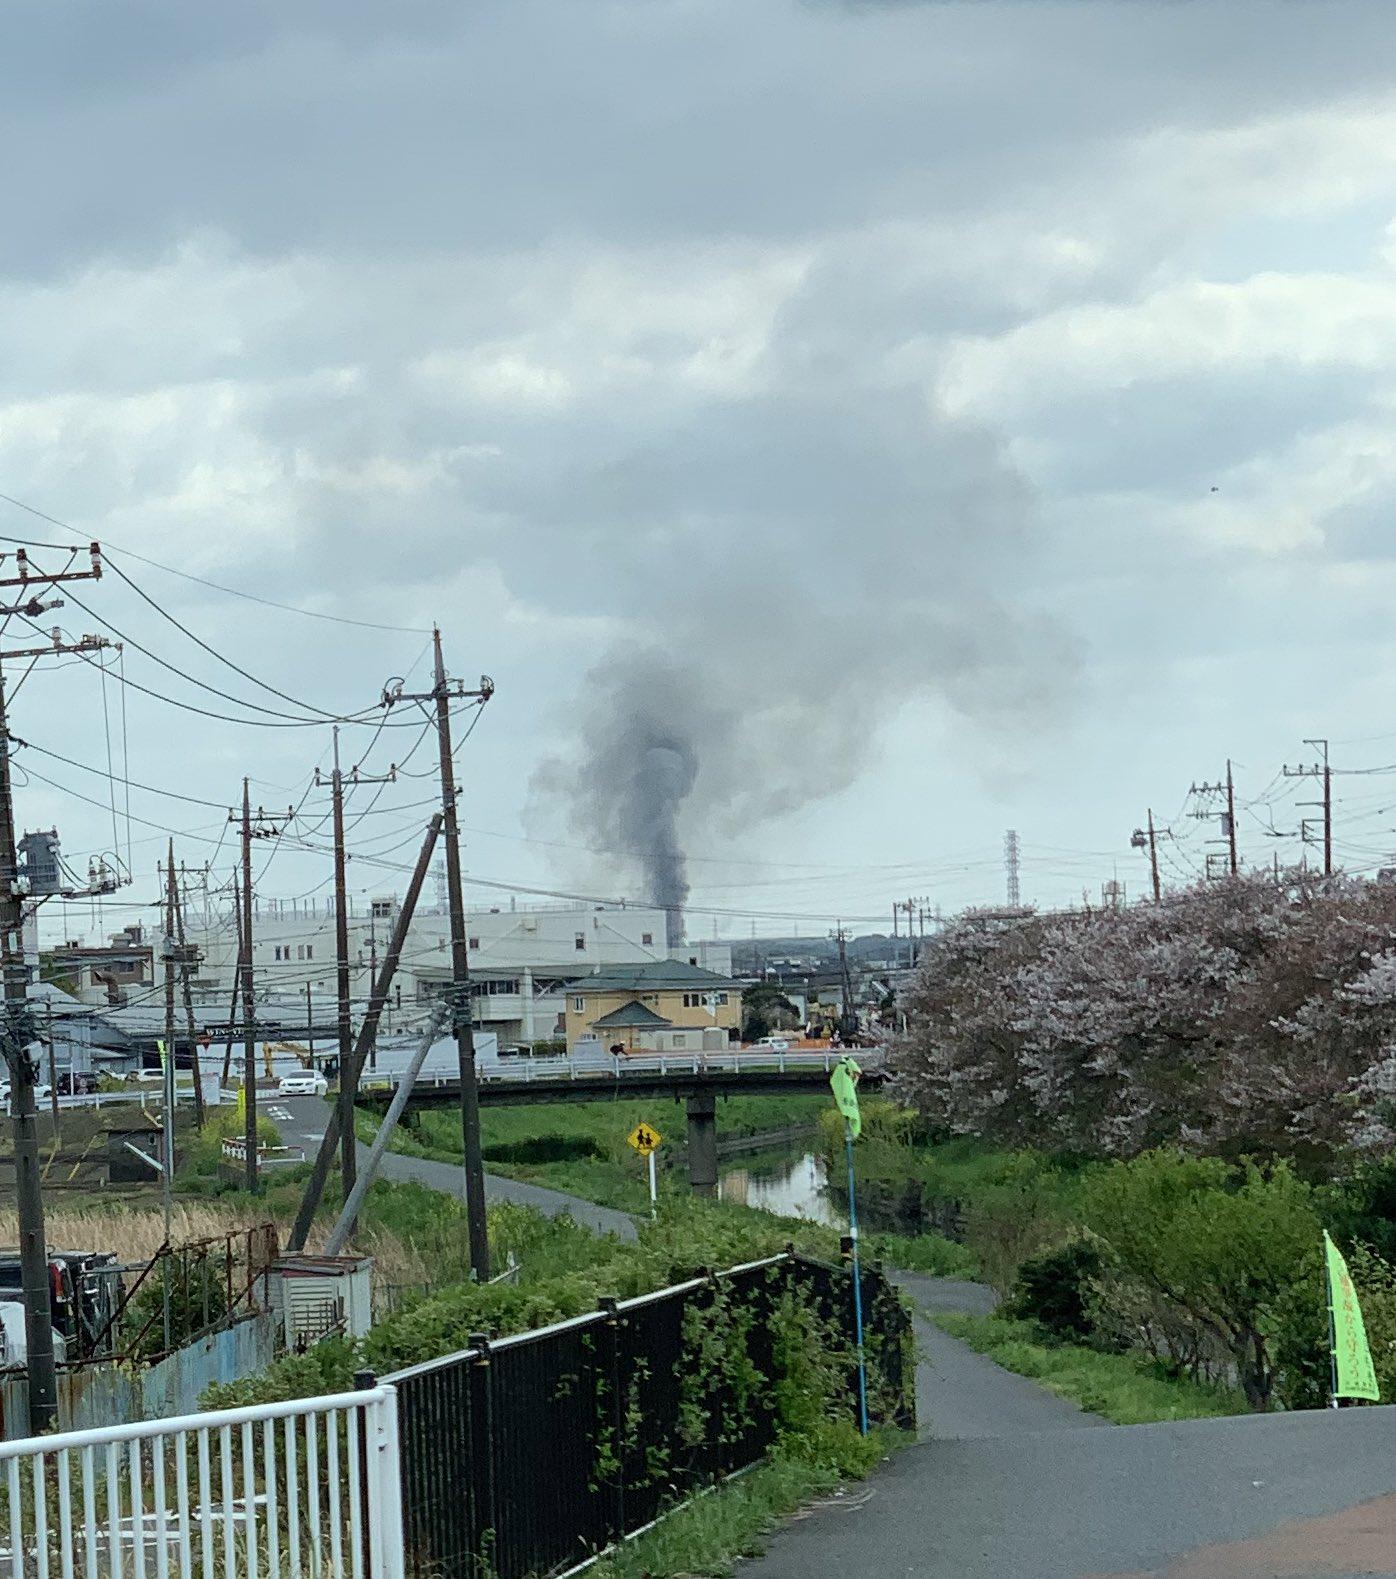 川越市の火事が黒煙が上がっている画像